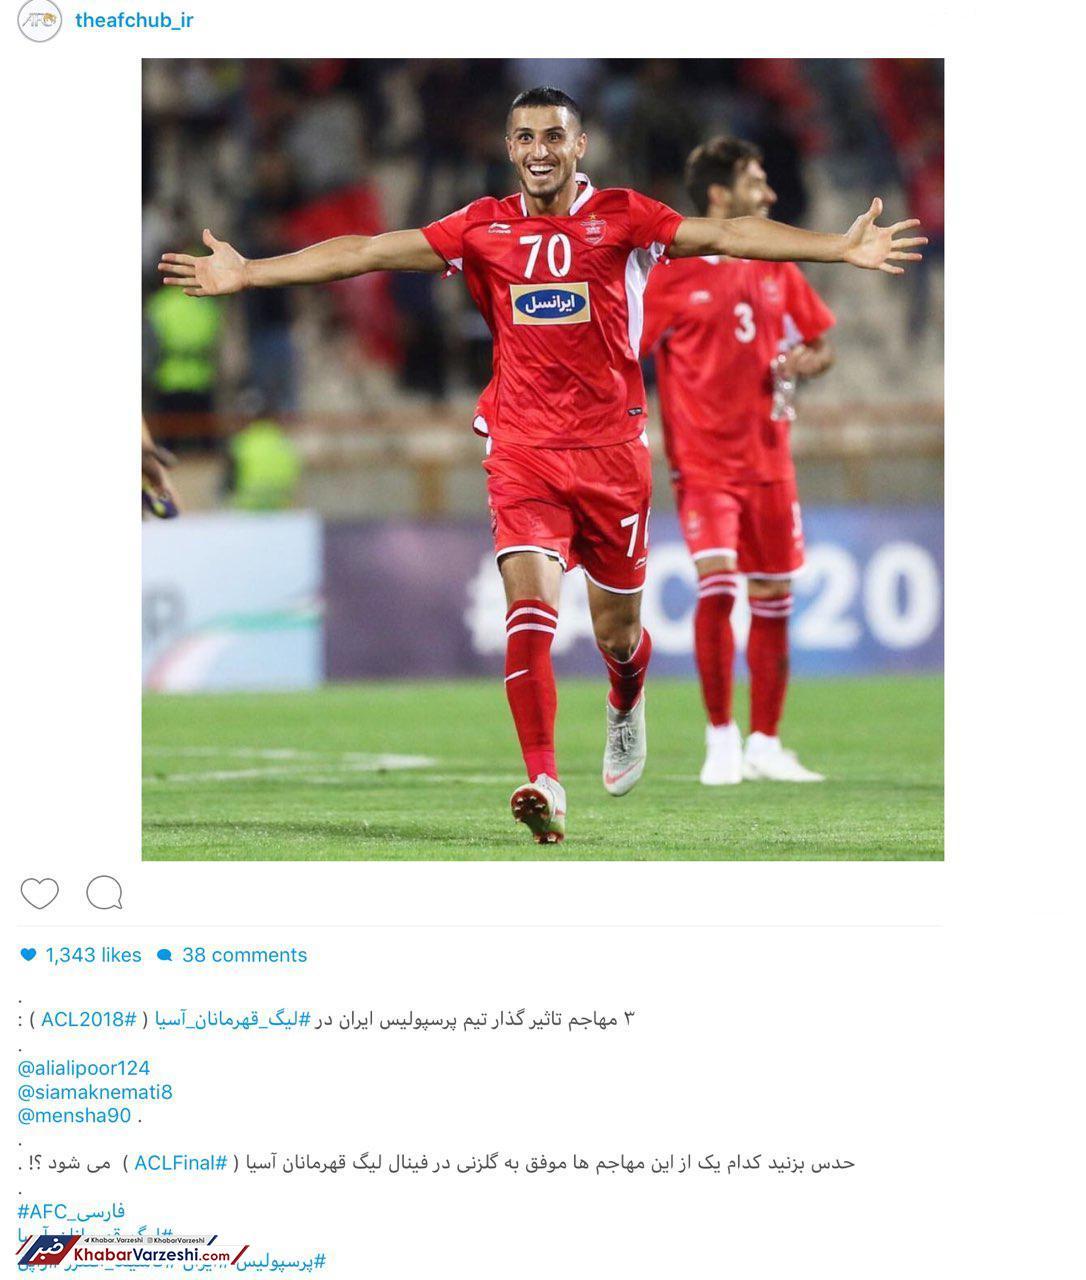 عکس  نظرسنجی AFC برای هواداران پرسپولیس: کی گل می زنه؟